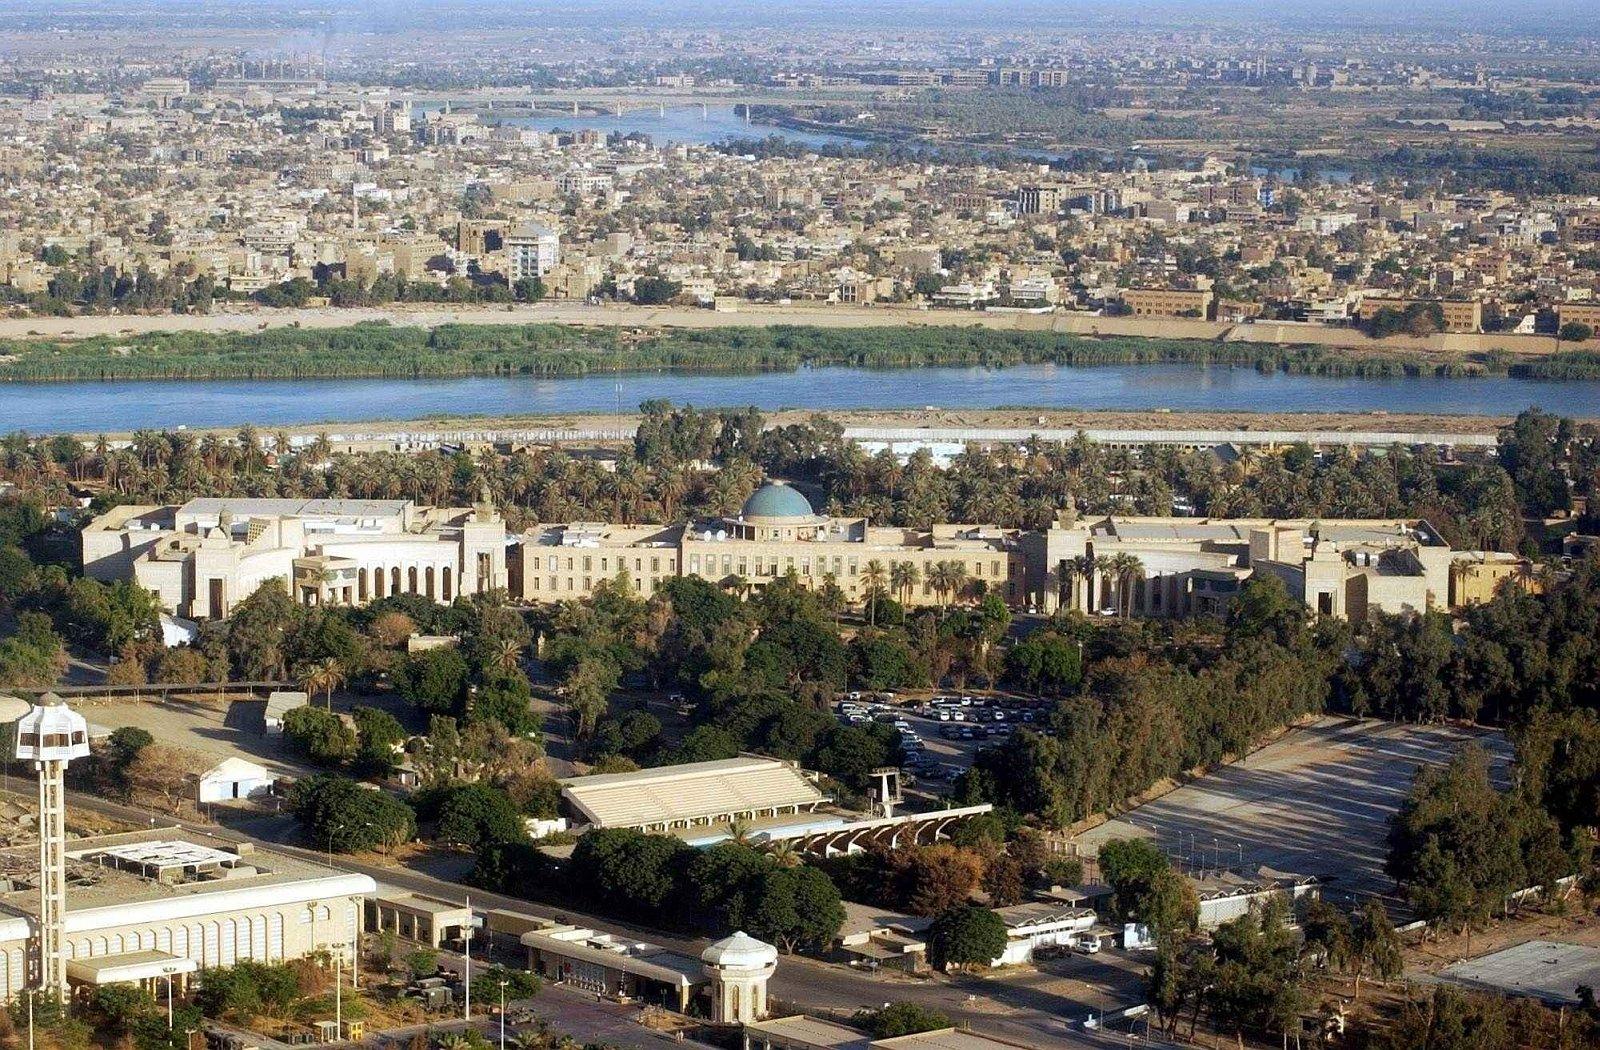 http://2.bp.blogspot.com/_e45GK4i1E8M/TRdwGXVouwI/AAAAAAAACh4/92qqhSC_fn0/s1600/Iraq_Baghdad_.jpg